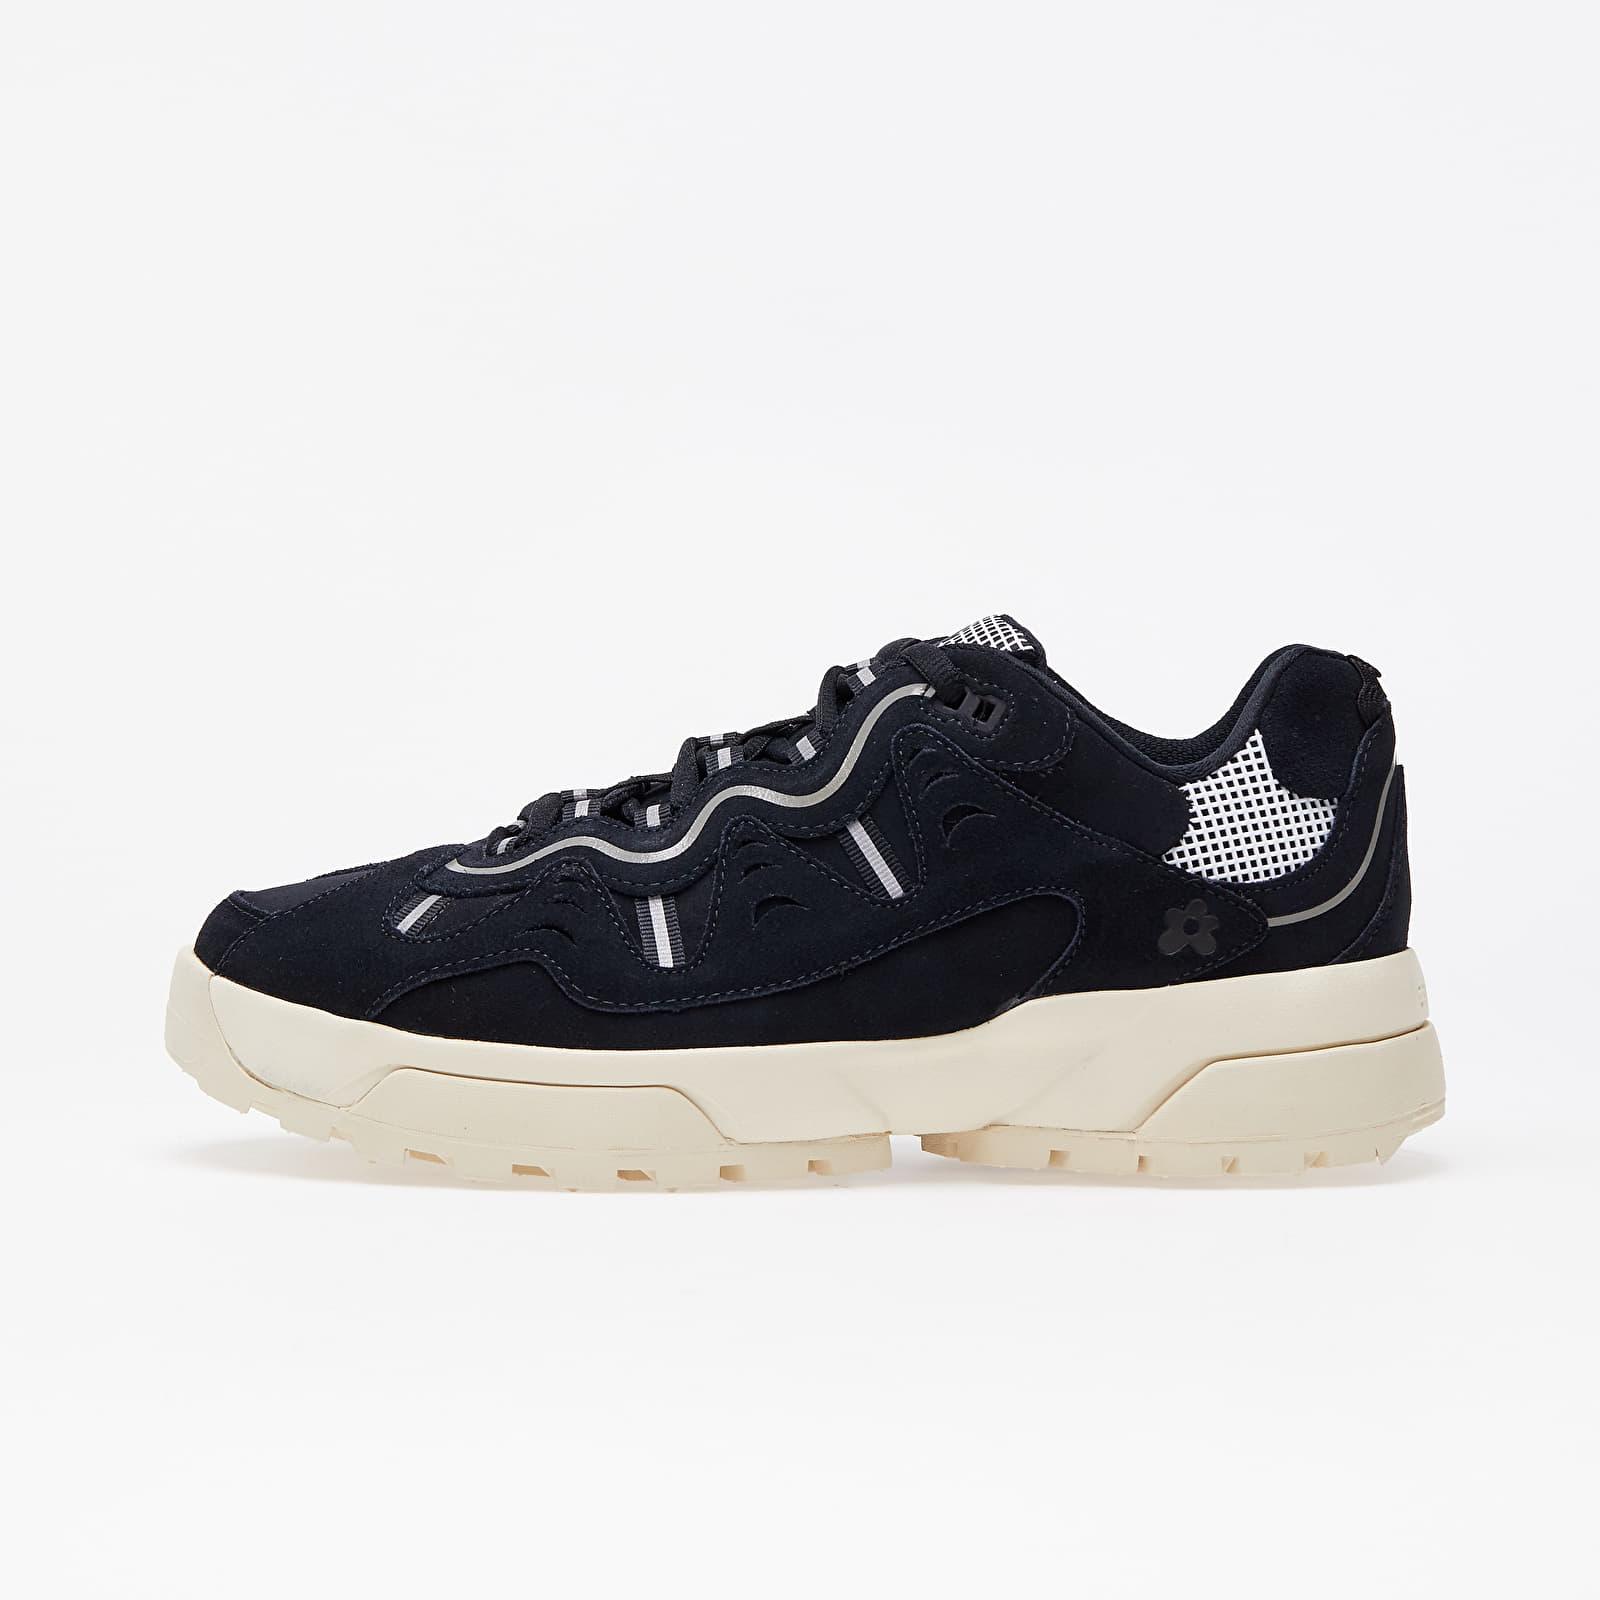 Men's shoes Converse x Golf Le Fleur Gianno OX Black/ Egret